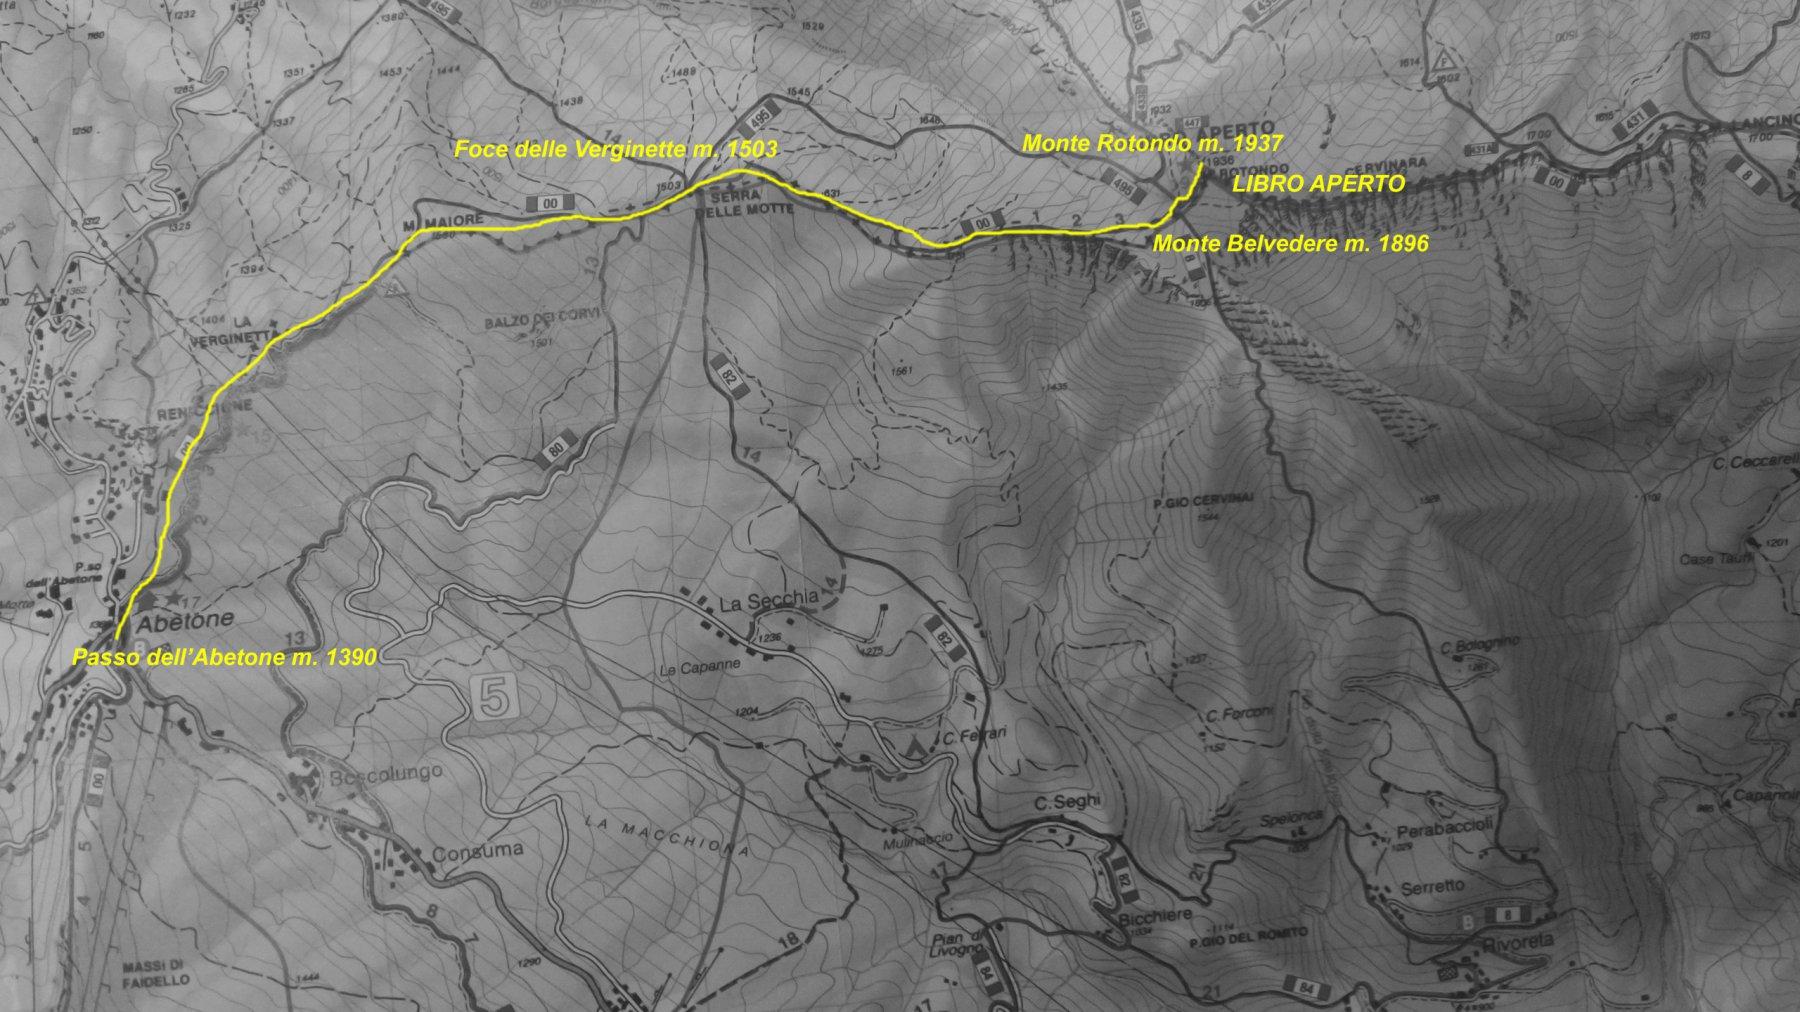 mappa presa dalla carta Appennino Modenese del CAI Modena con l'itinerario di salita